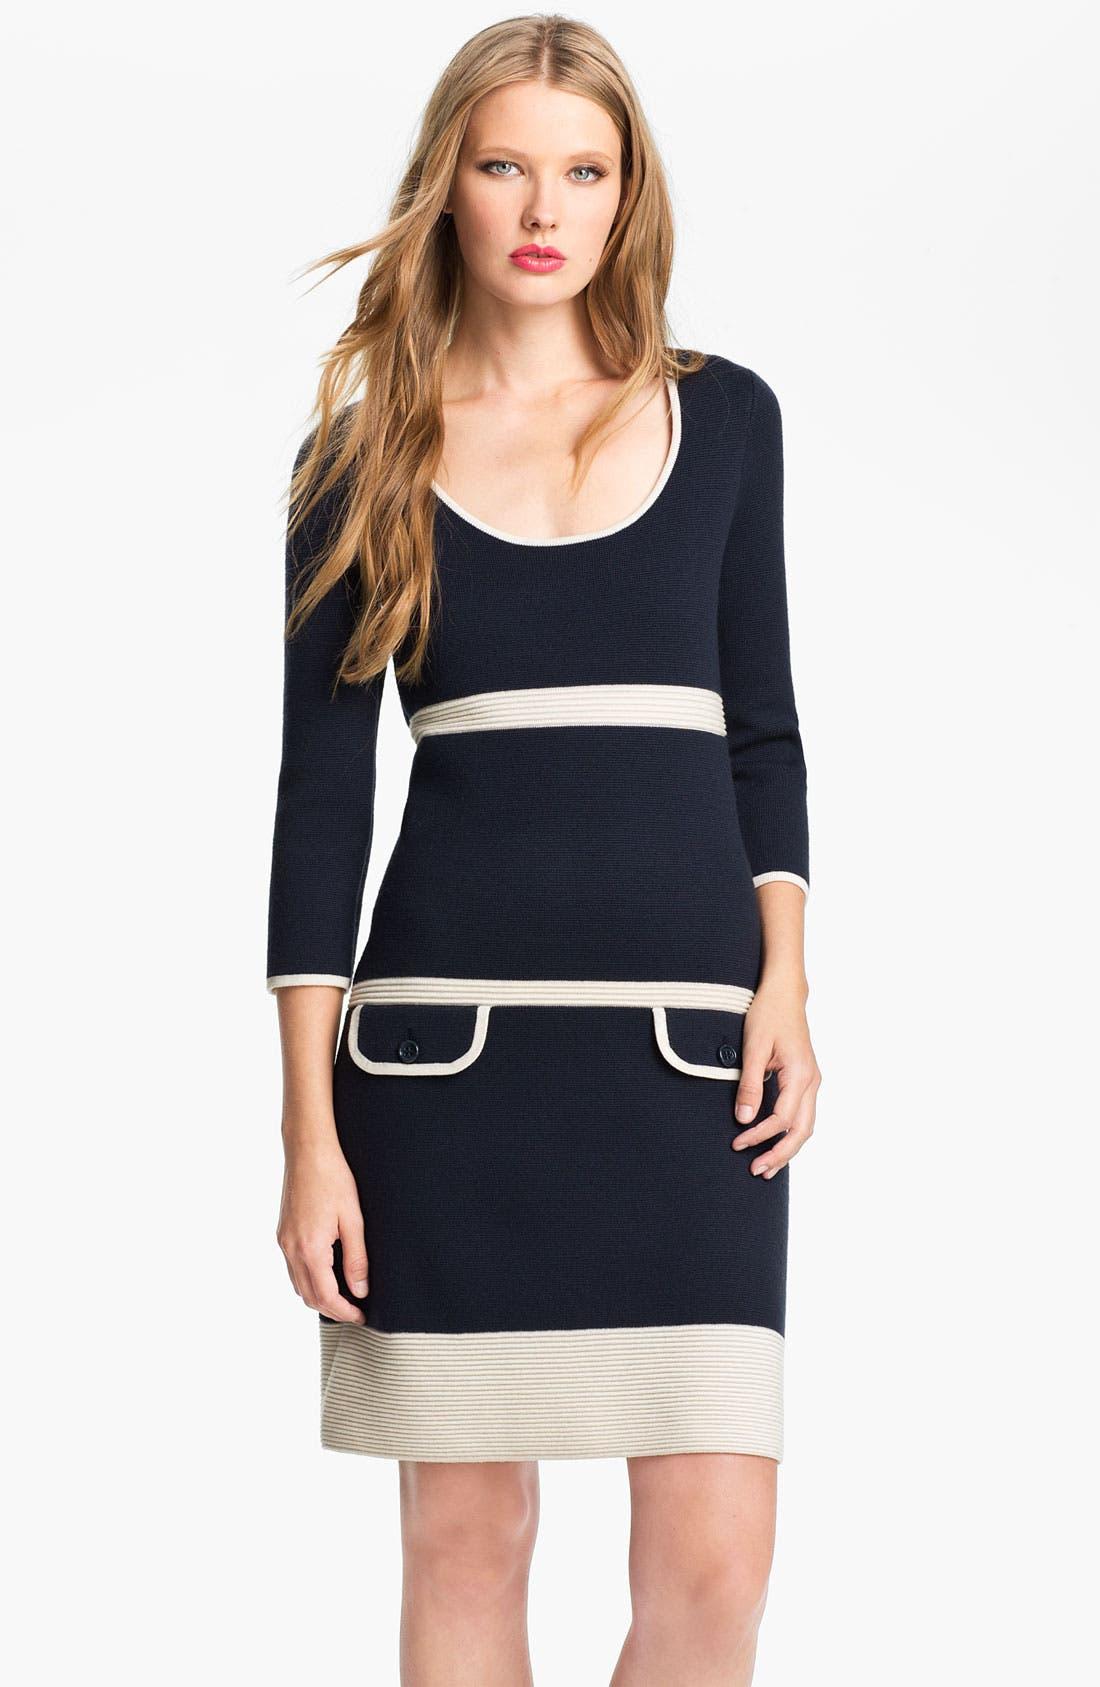 Main Image - kate spade new york 'cathie' merino wool sweater dress